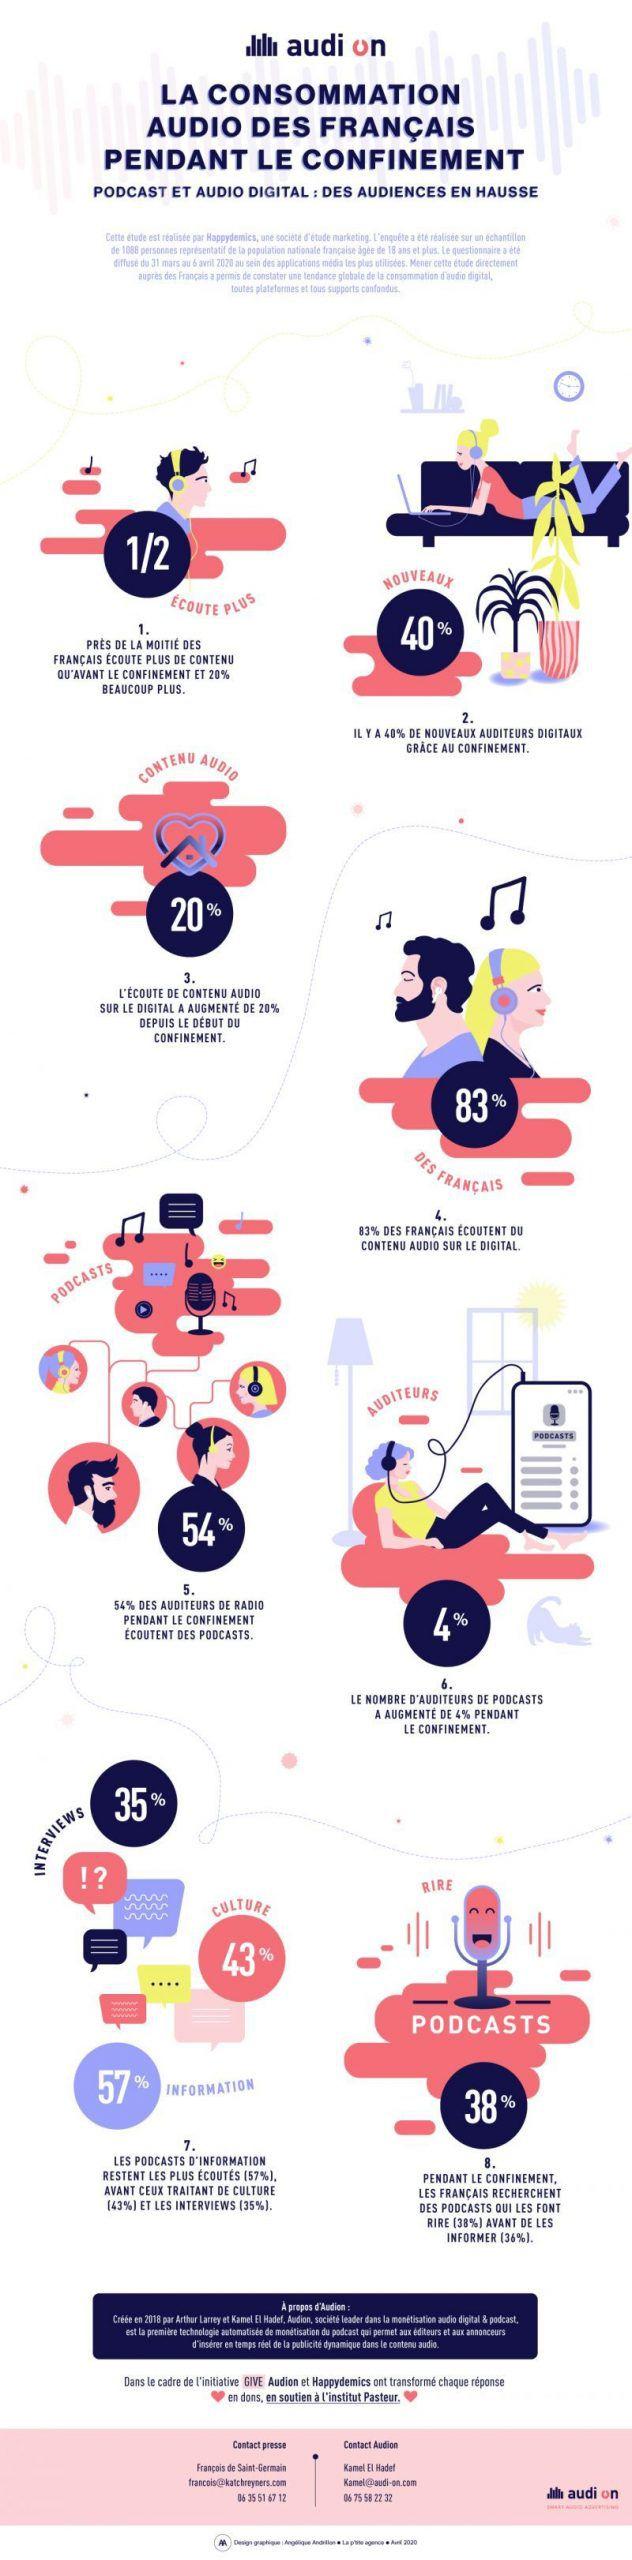 Infographie présentant des données d'utilisation des podcasts pendant le confinement en France